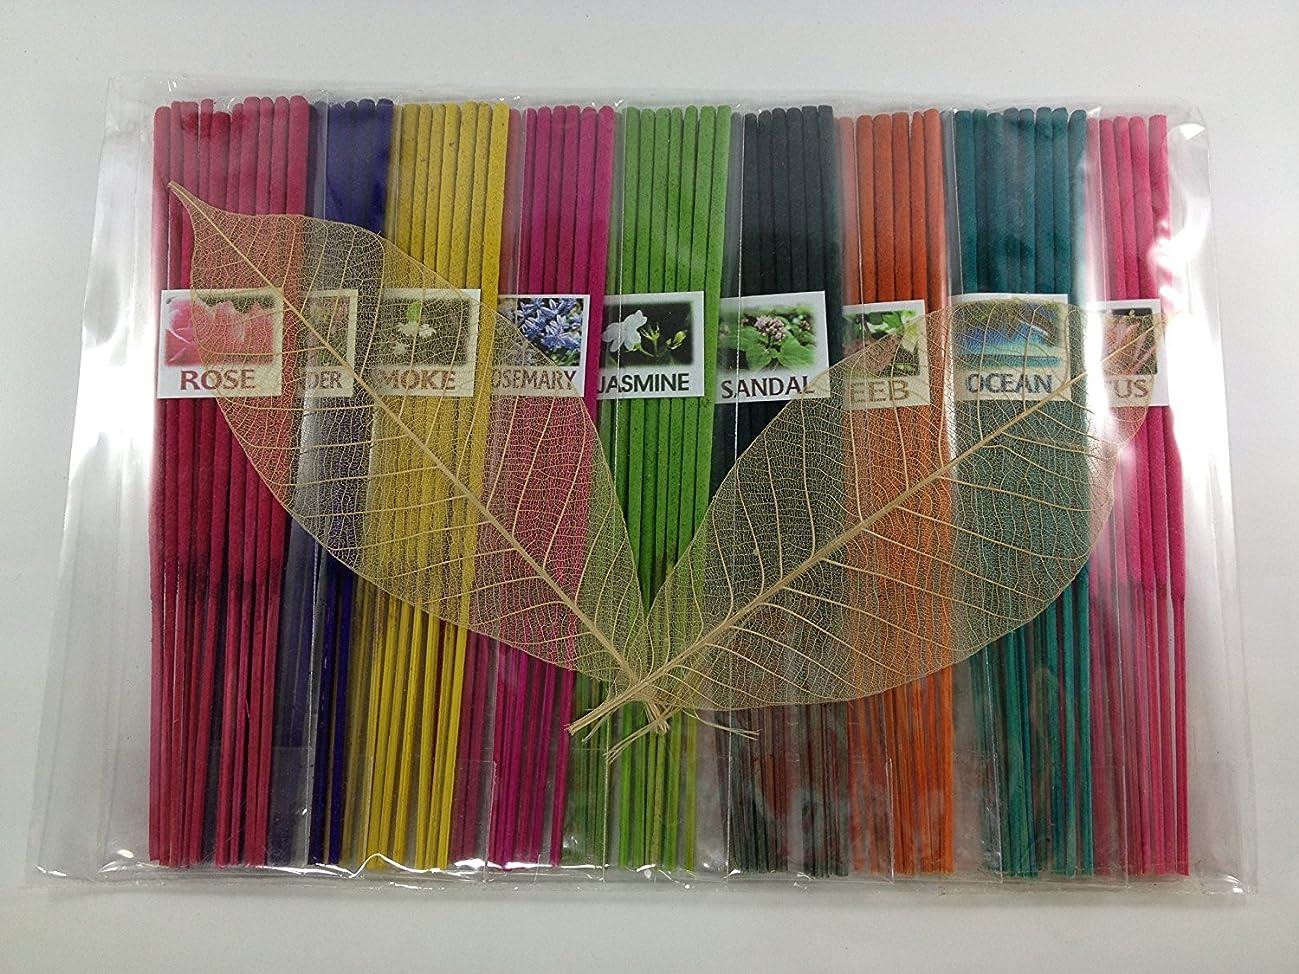 ビュッフェ評価可能十二Thai Incense Sticks with 9 Aroma Smell - Moke Rosemary Jasmine Sandal Lotus Ocean Rose Lavender Peeb.